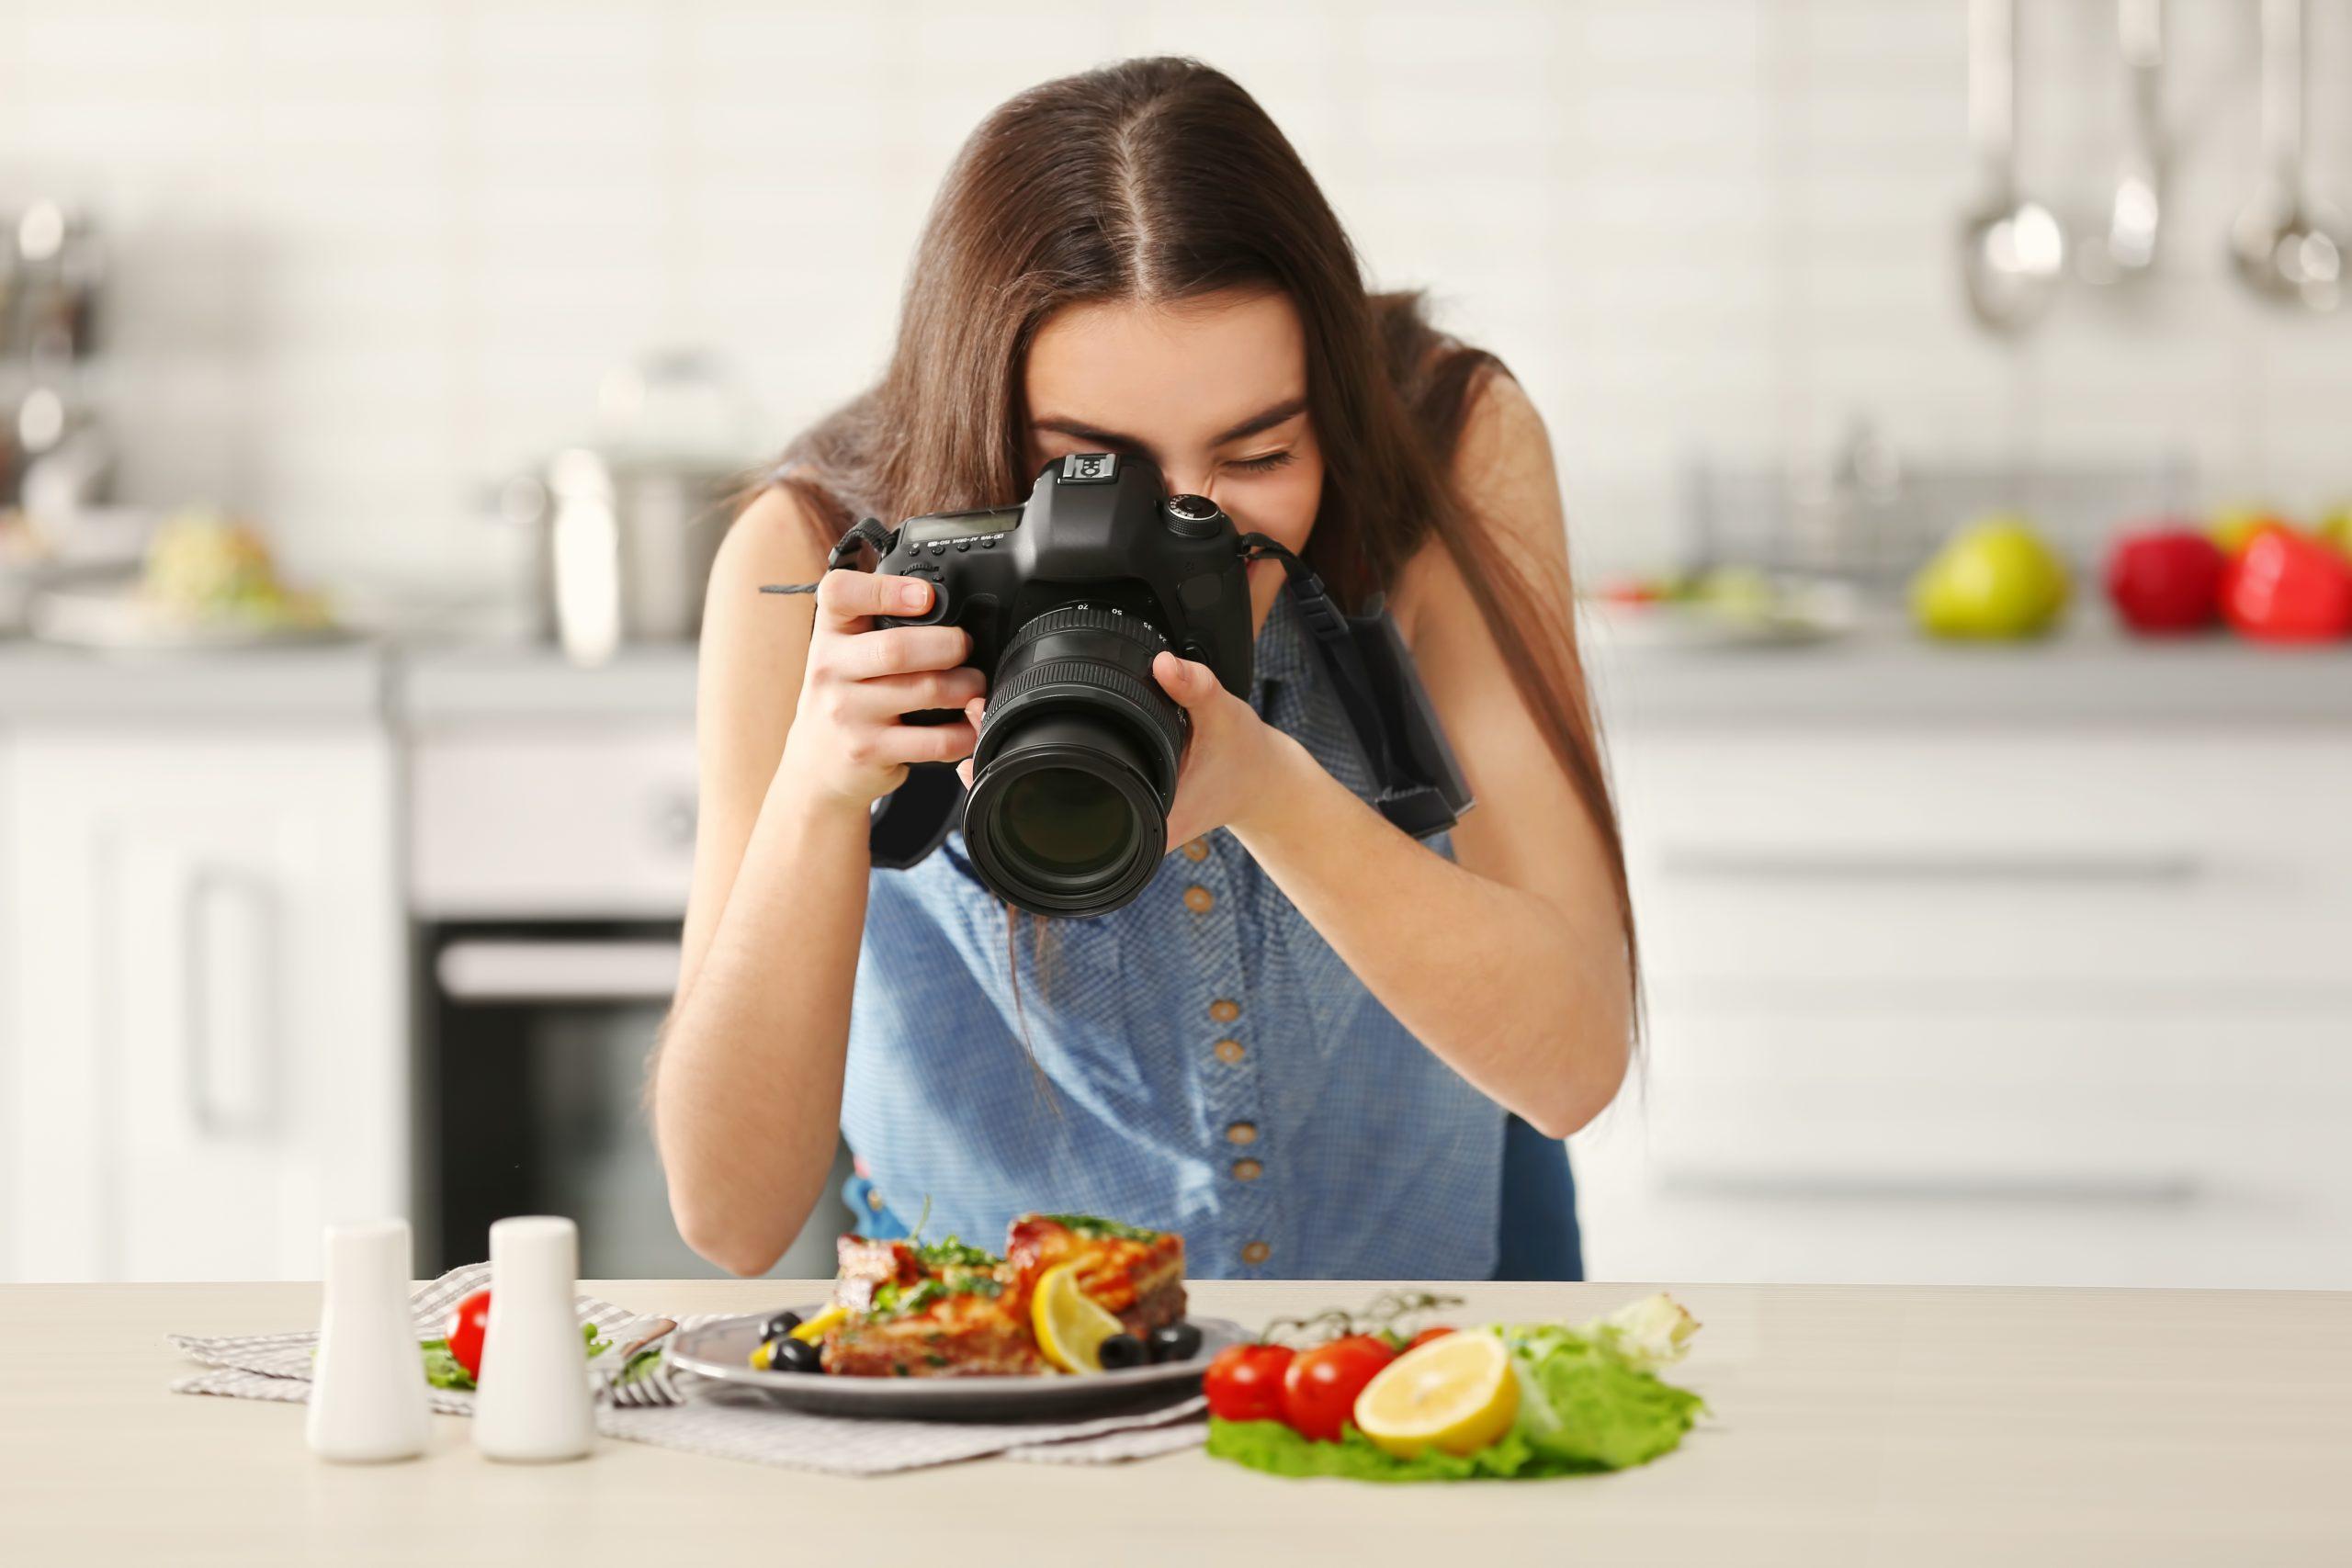 Toma las mejores fotografías de alimentos